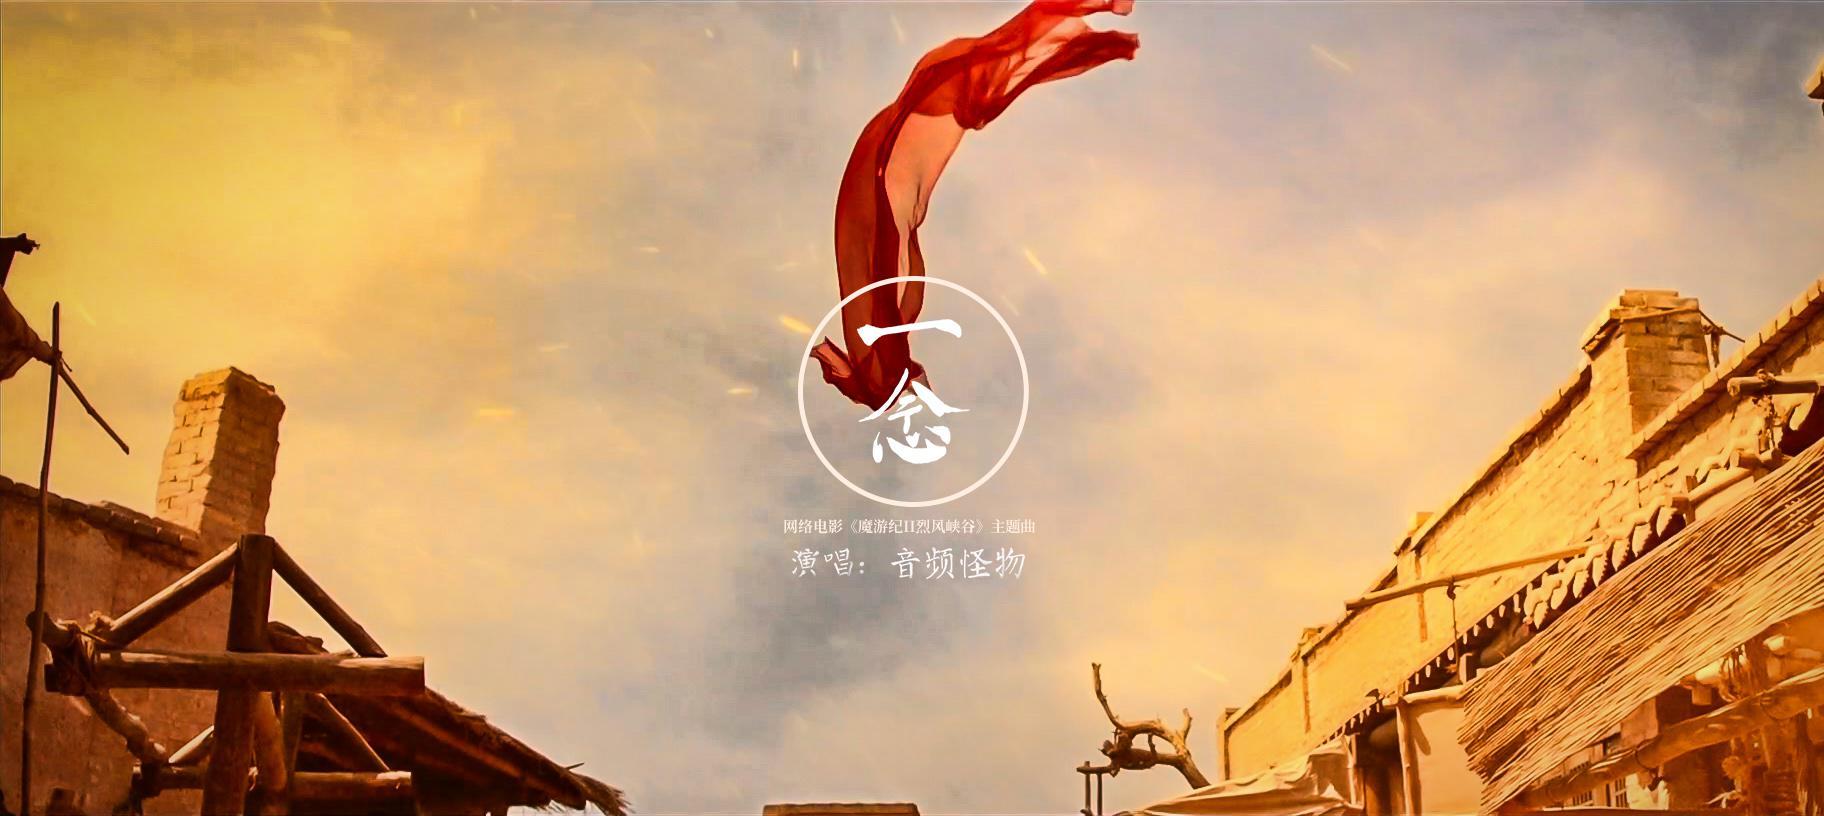 音频怪物全新单曲《一念》正式上线!一曲道江湖